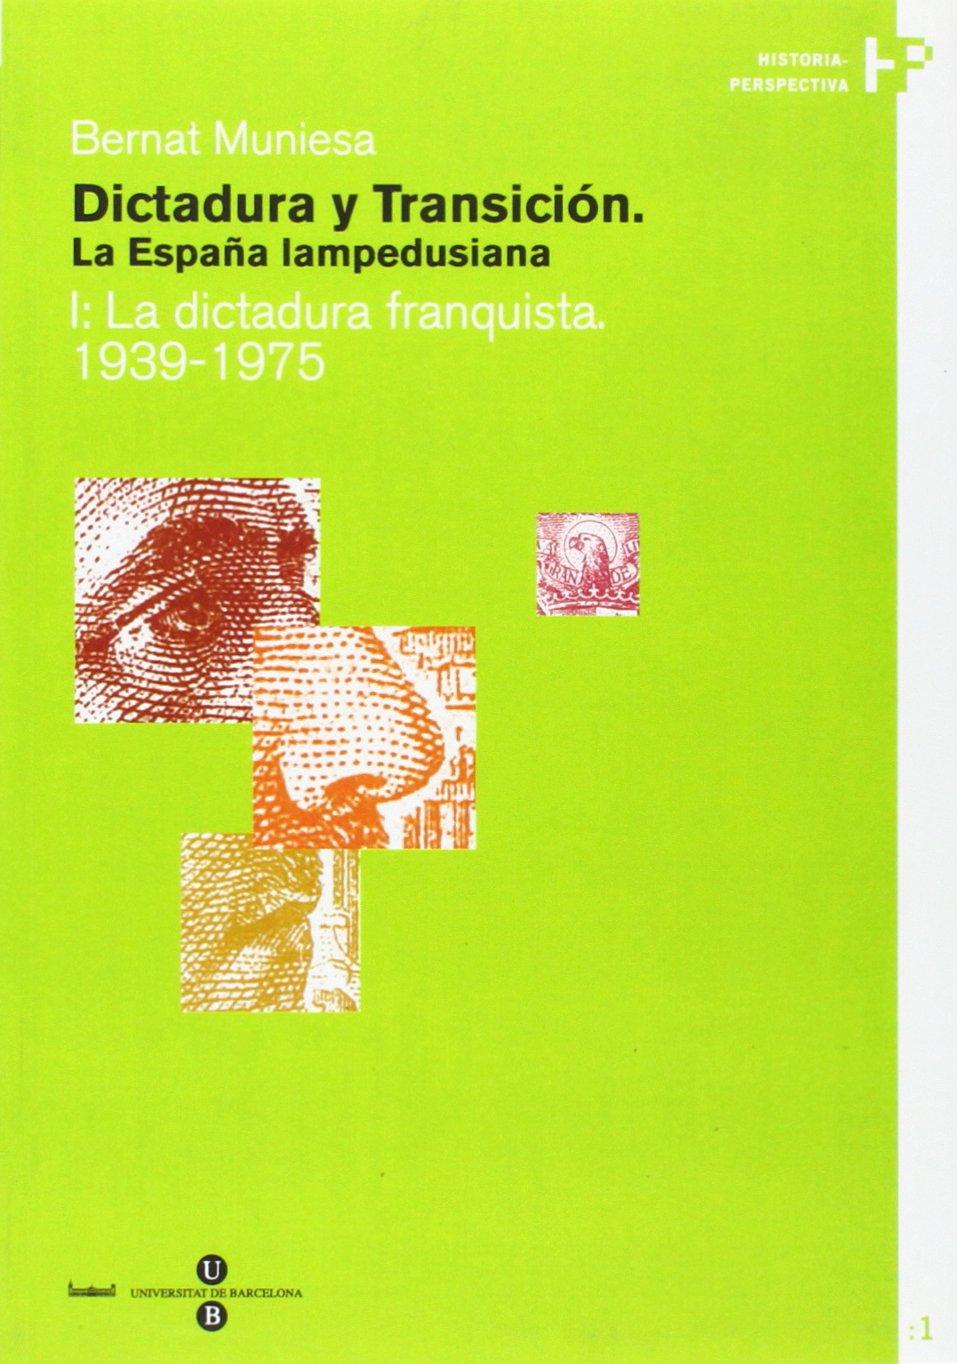 Dictadura y Transición. La España lampedusiana. I: La dictadura franquista 1939- Historia-Perspectiva: Amazon.es: Muniesa Brito, Bernat: Libros